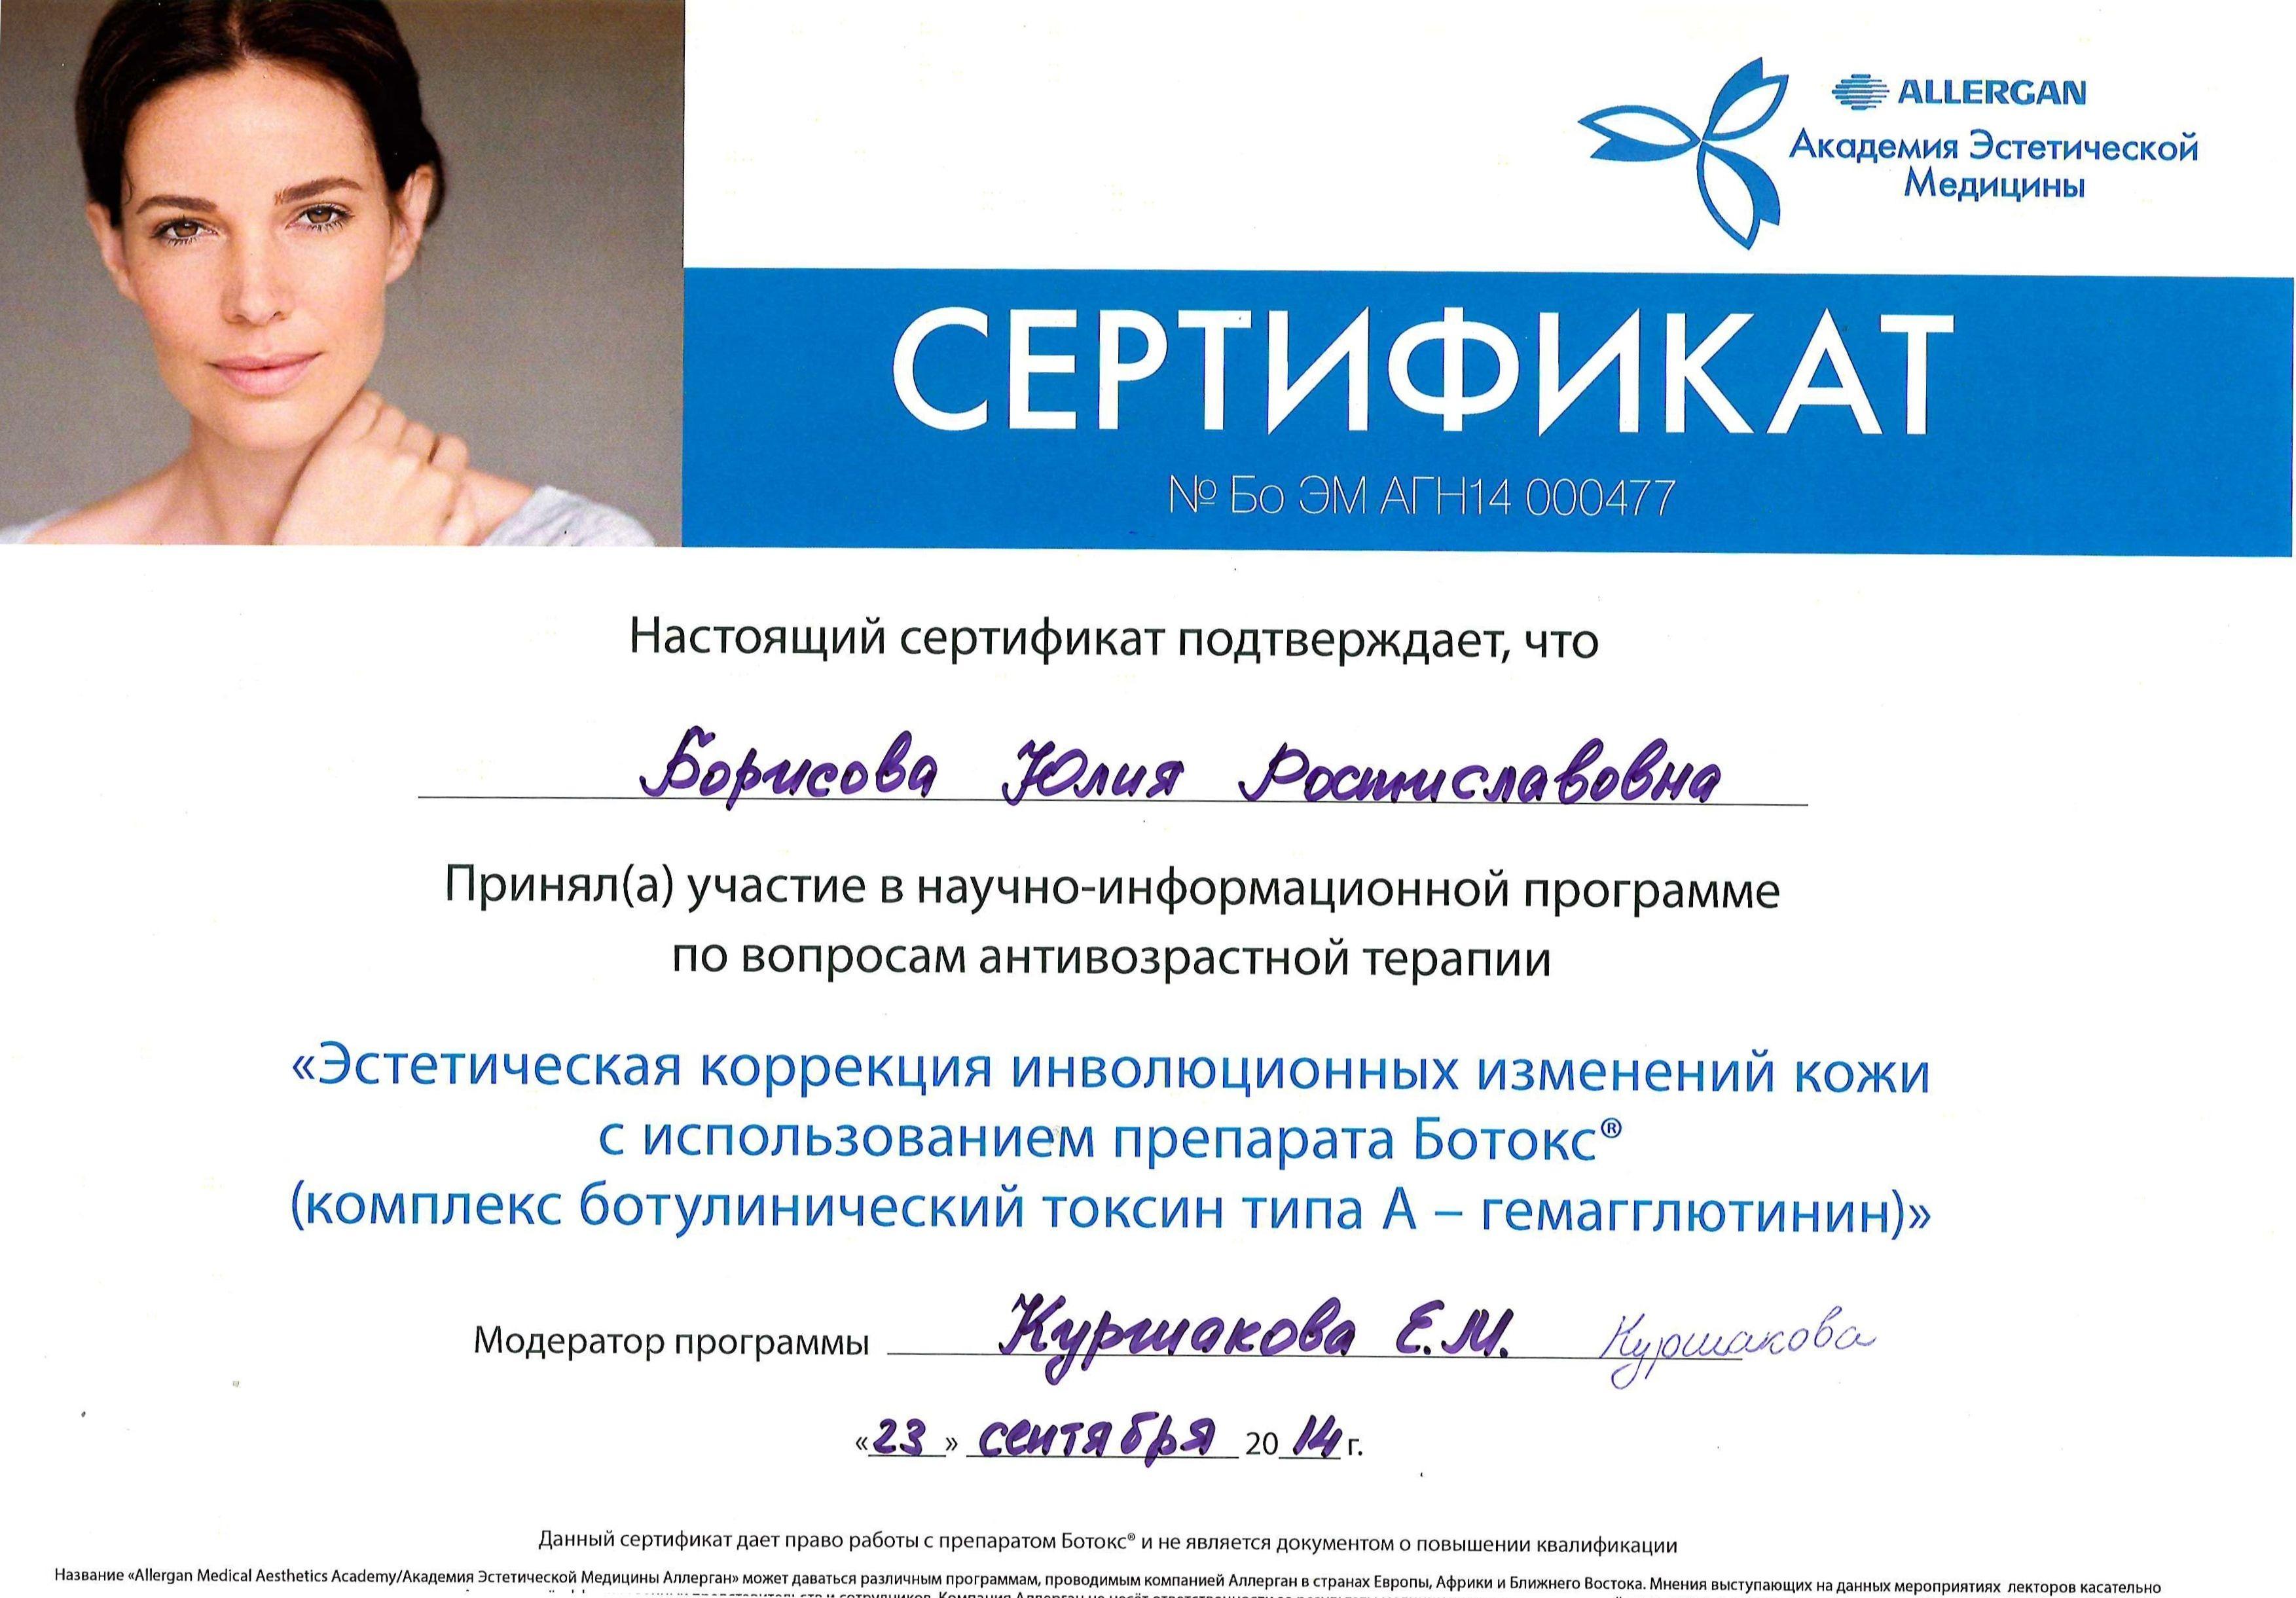 Сертификат — Коррекция с применением препарата Ботокс. Григорьева Юлия Ростиславовна